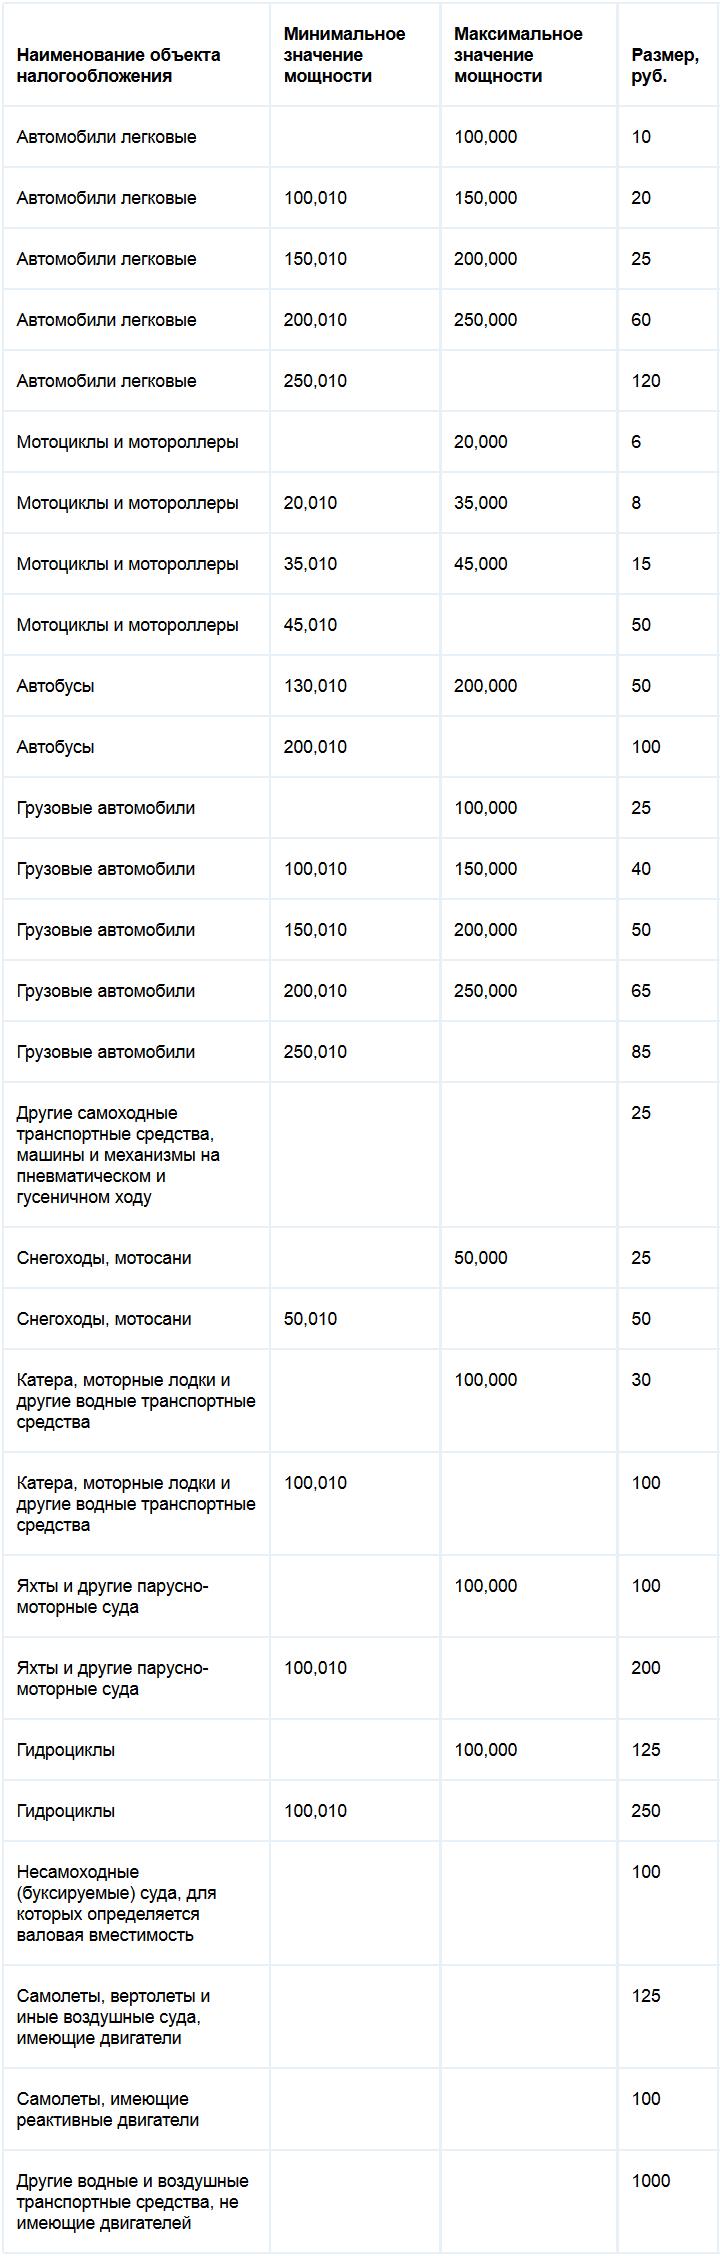 Ставки транспортного налога новосибирской области транспортный налог.ставки на 2011 год нннижний новгород и область